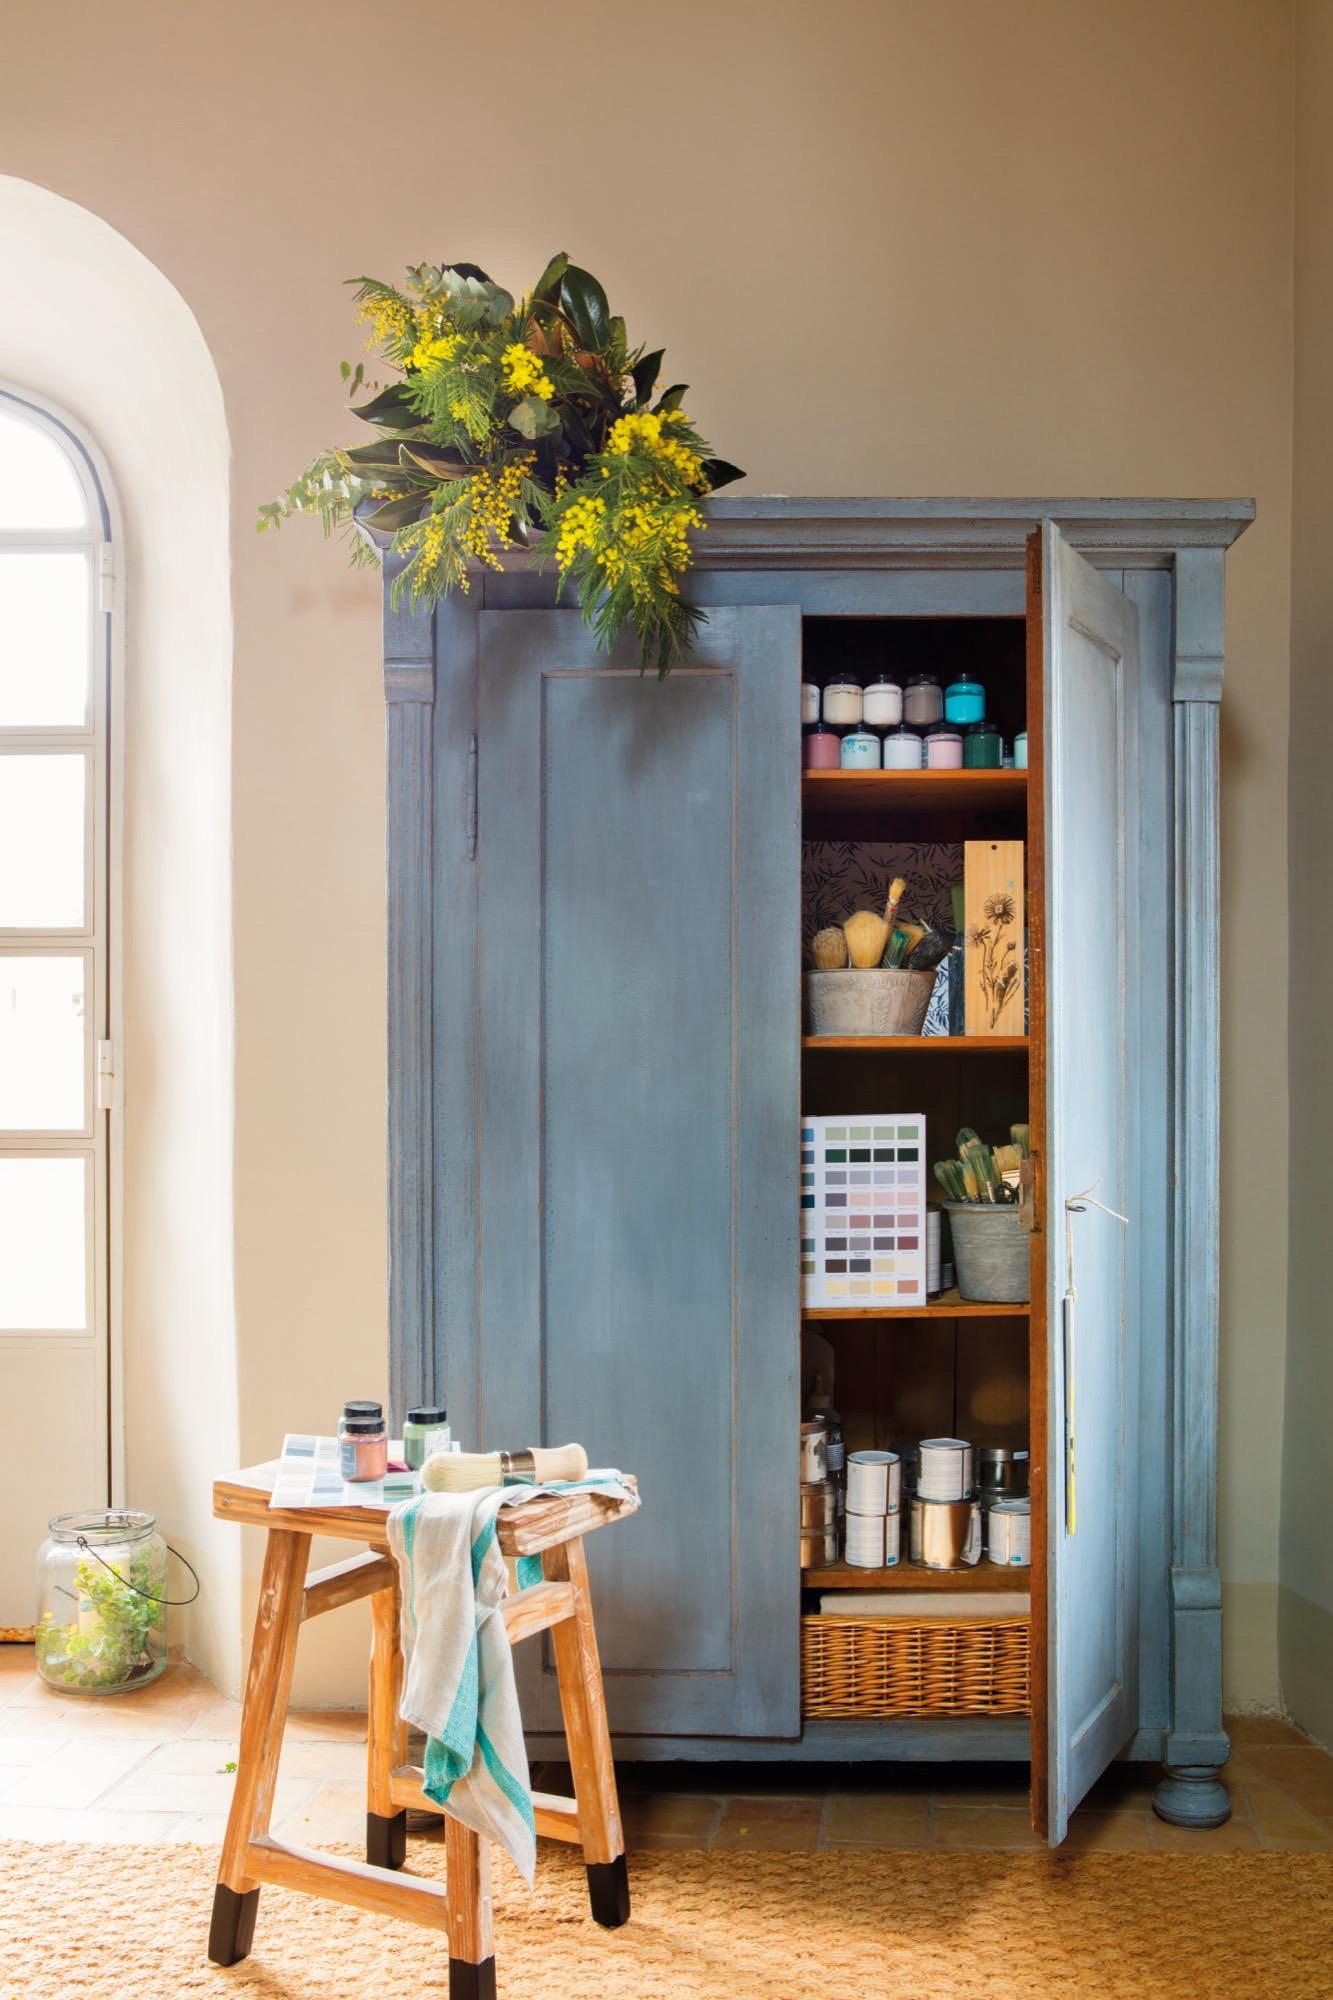 La casa con chalk paint de neus de crea decora recicla - Pintura para muebles ...